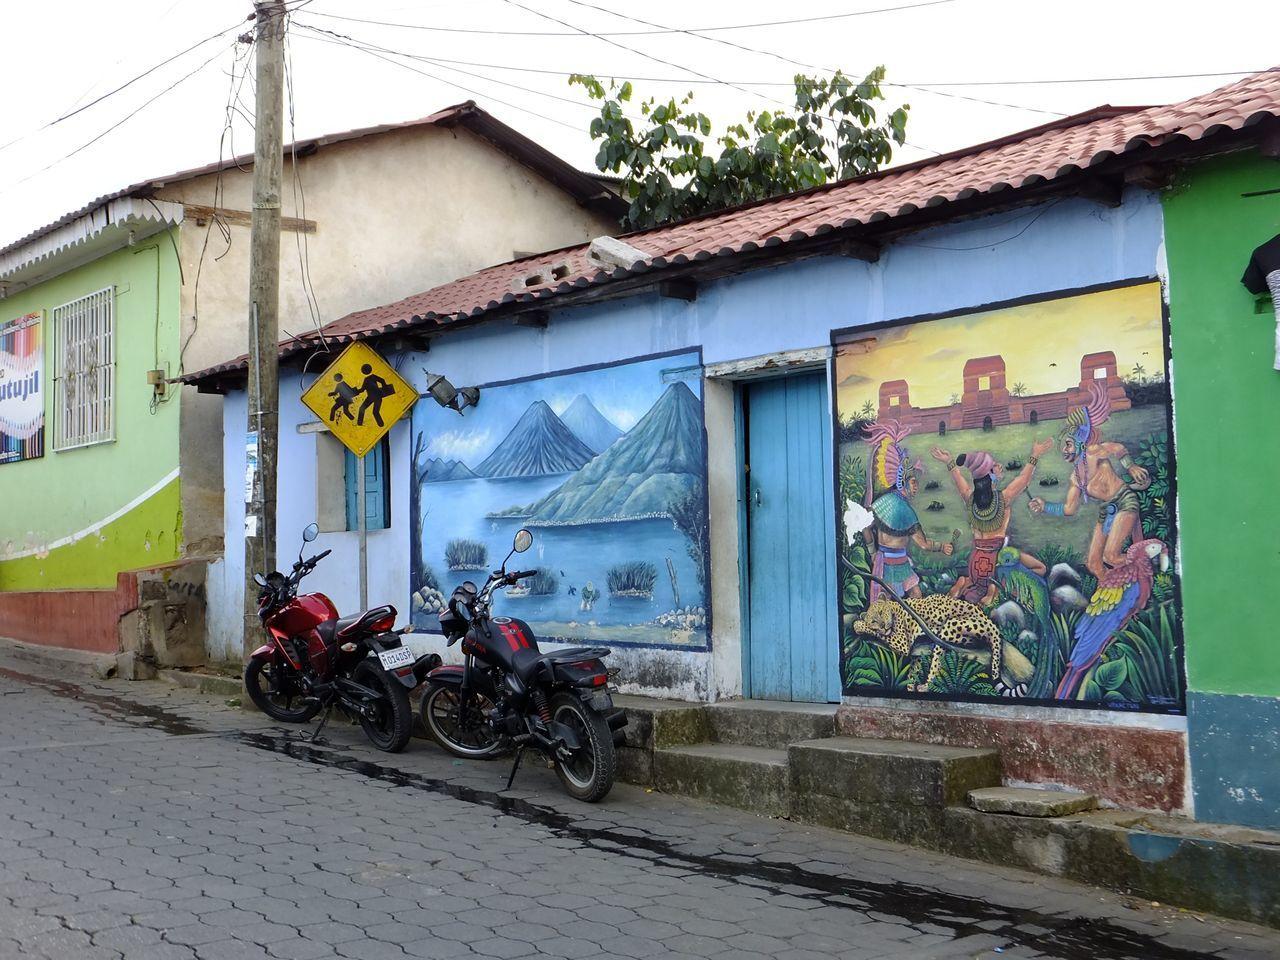 Pourquoi nous avons adoré San Juan La Laguna au Guatemala ?